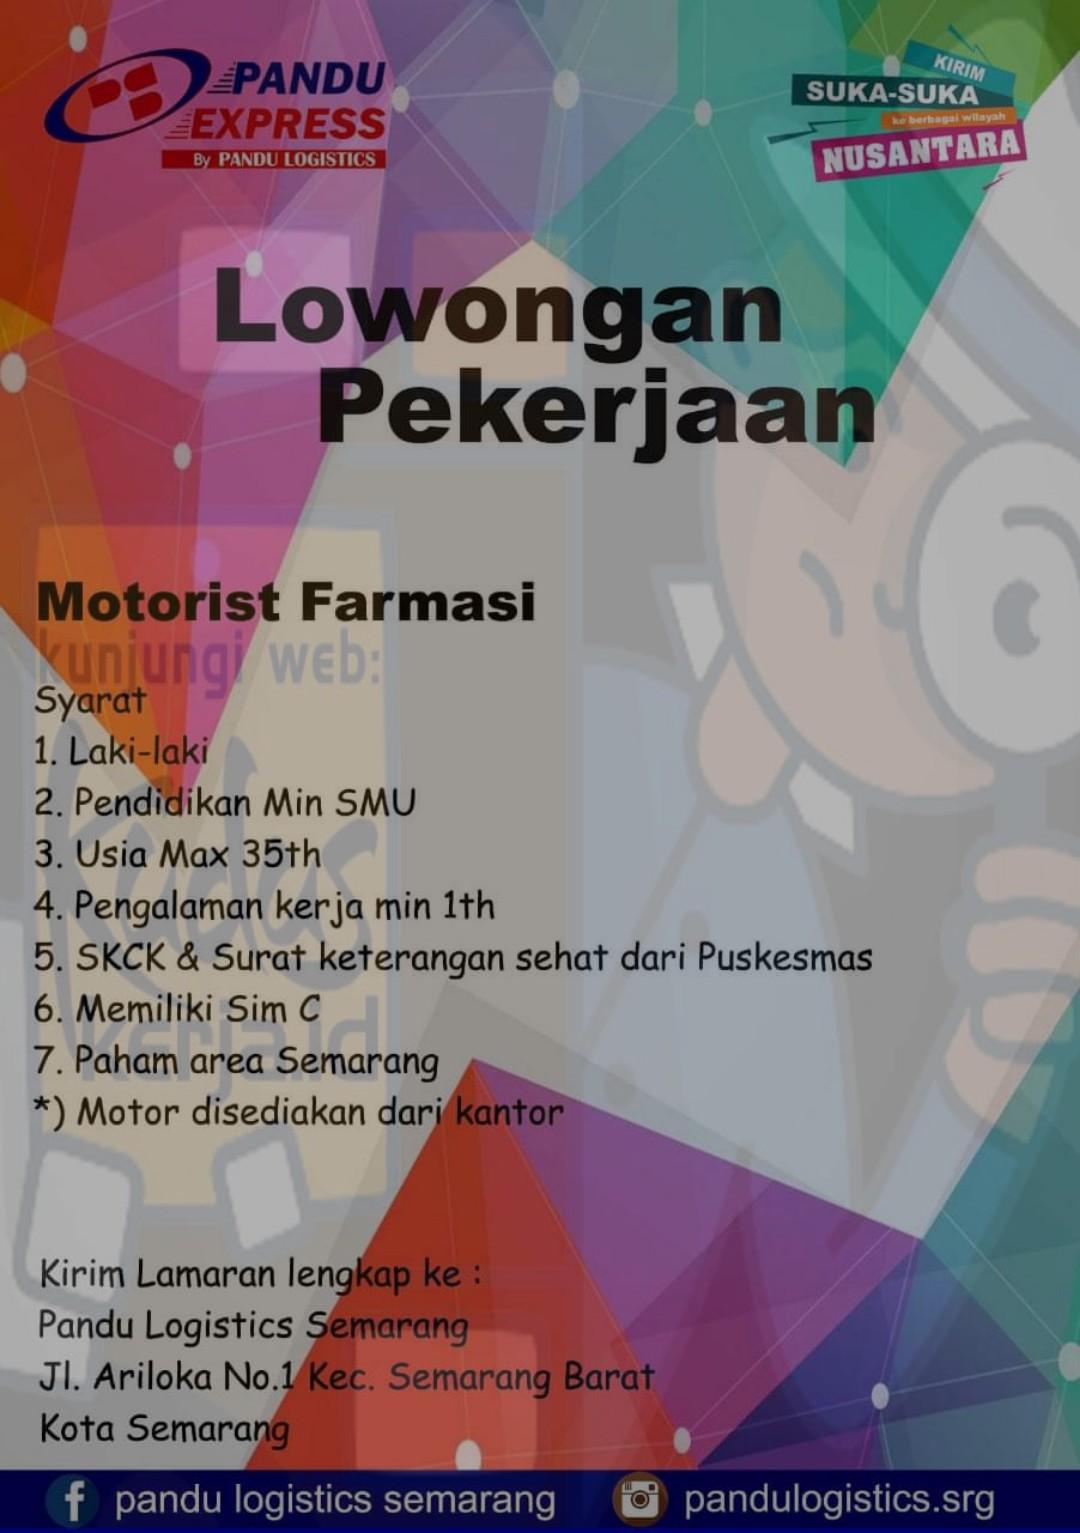 Lowongan Kerja Pandu Logistic Exspress Loker Semarang Lowongan